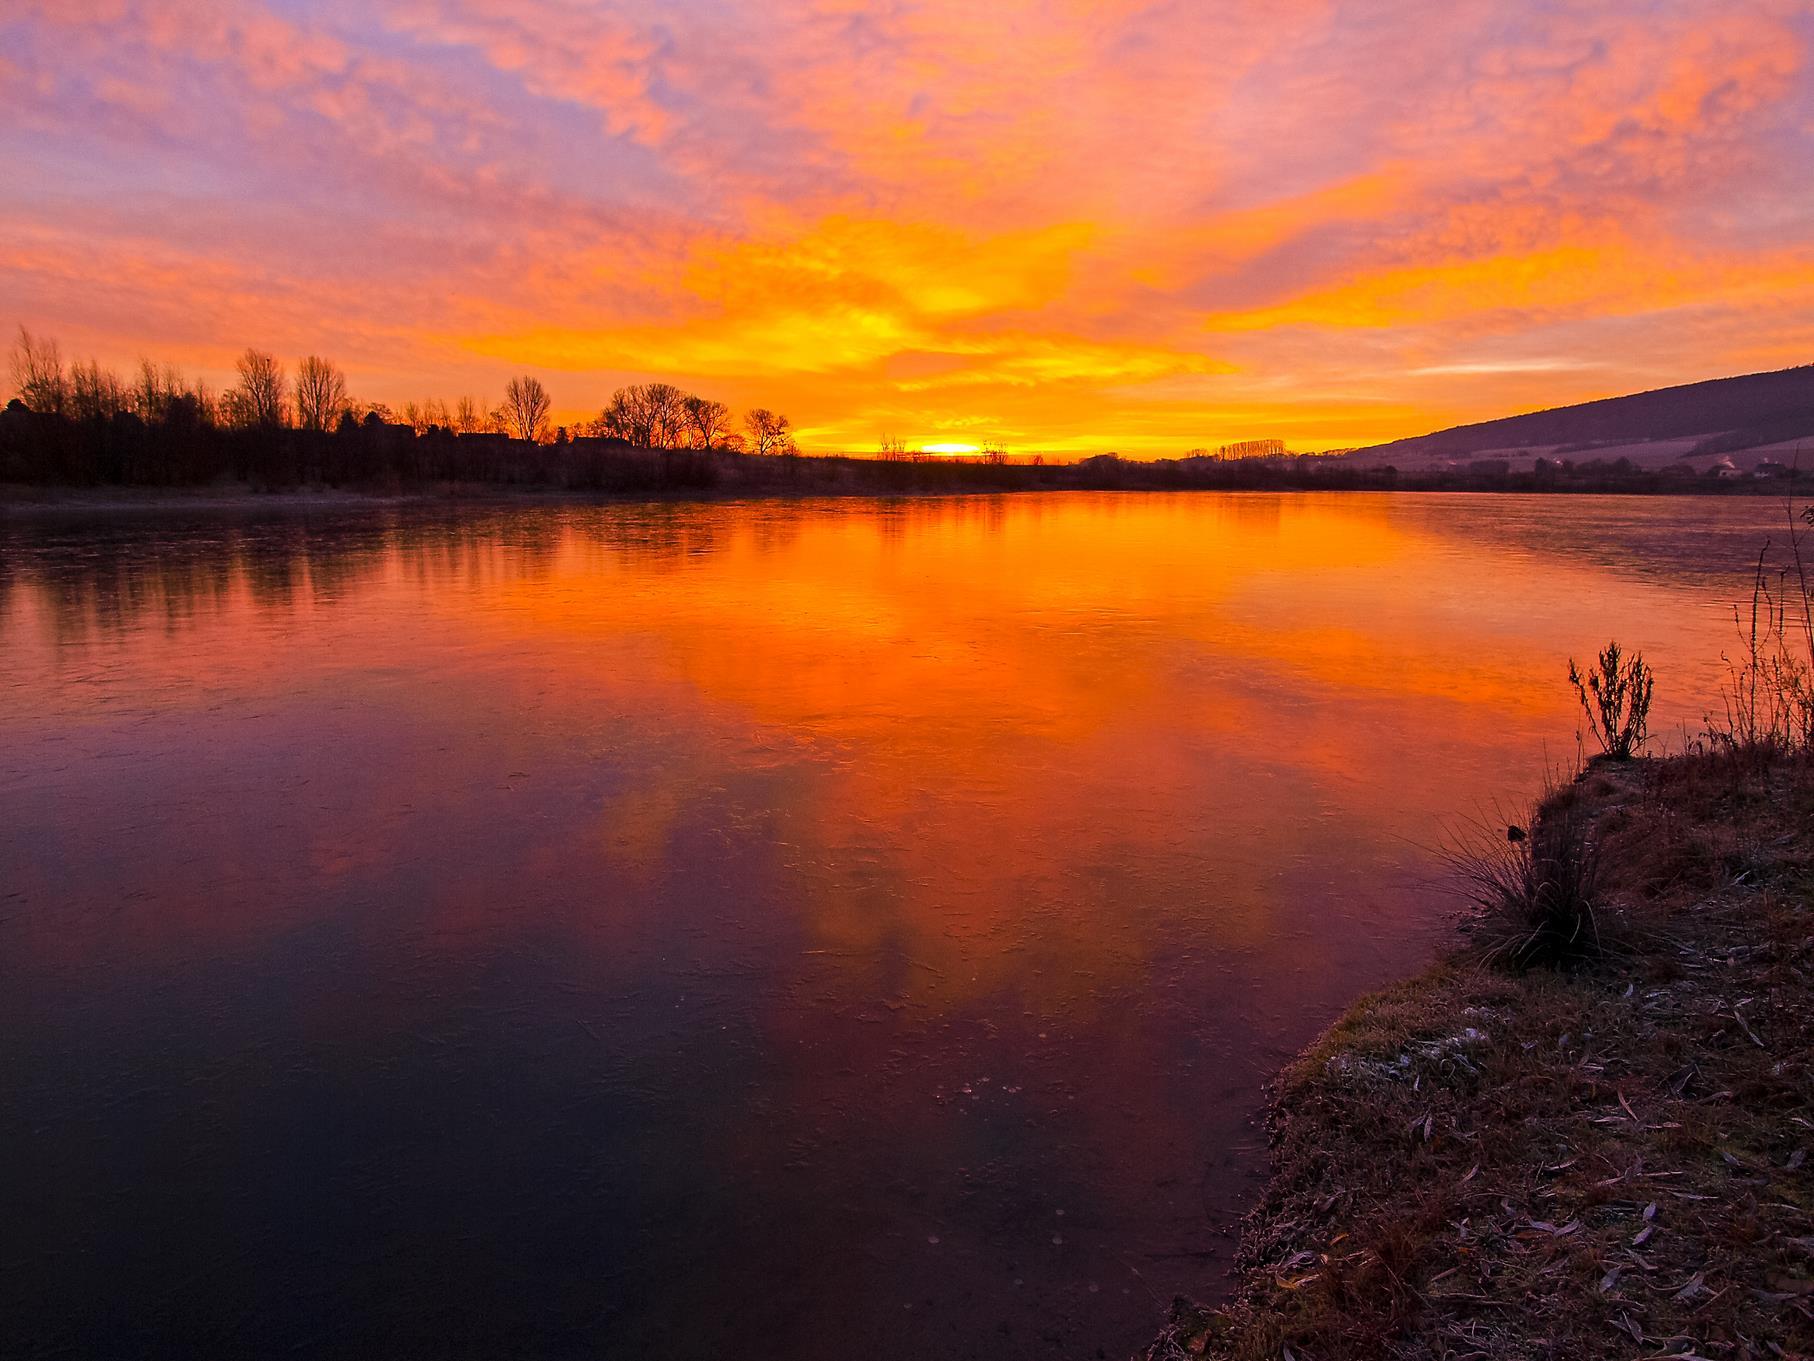 Farbenfroher Sonnenaufgang an einem Dezembermorgen.